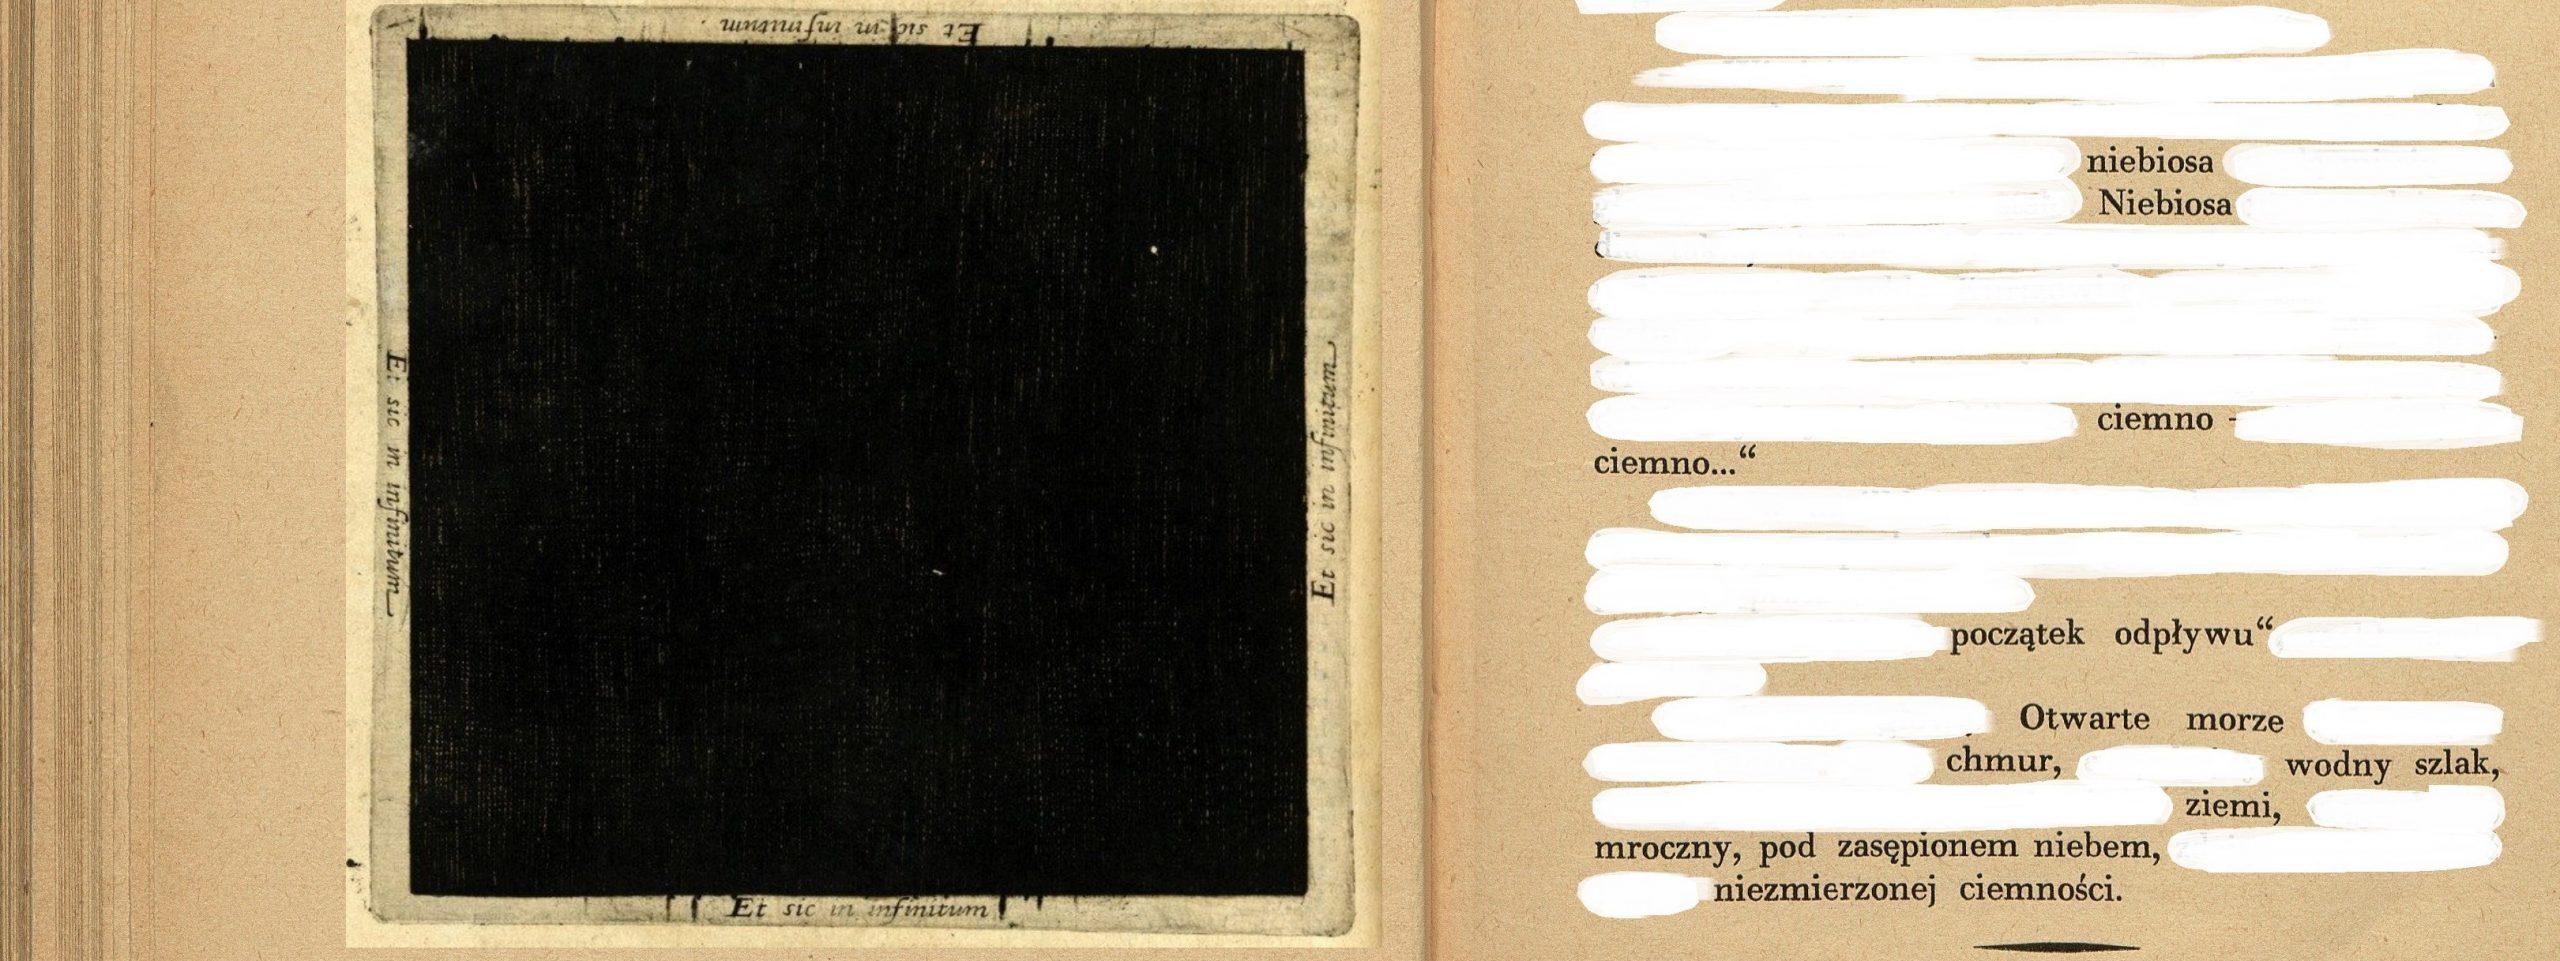 W ciemność: Conrad, Morrison, Witkiewicz i inni.